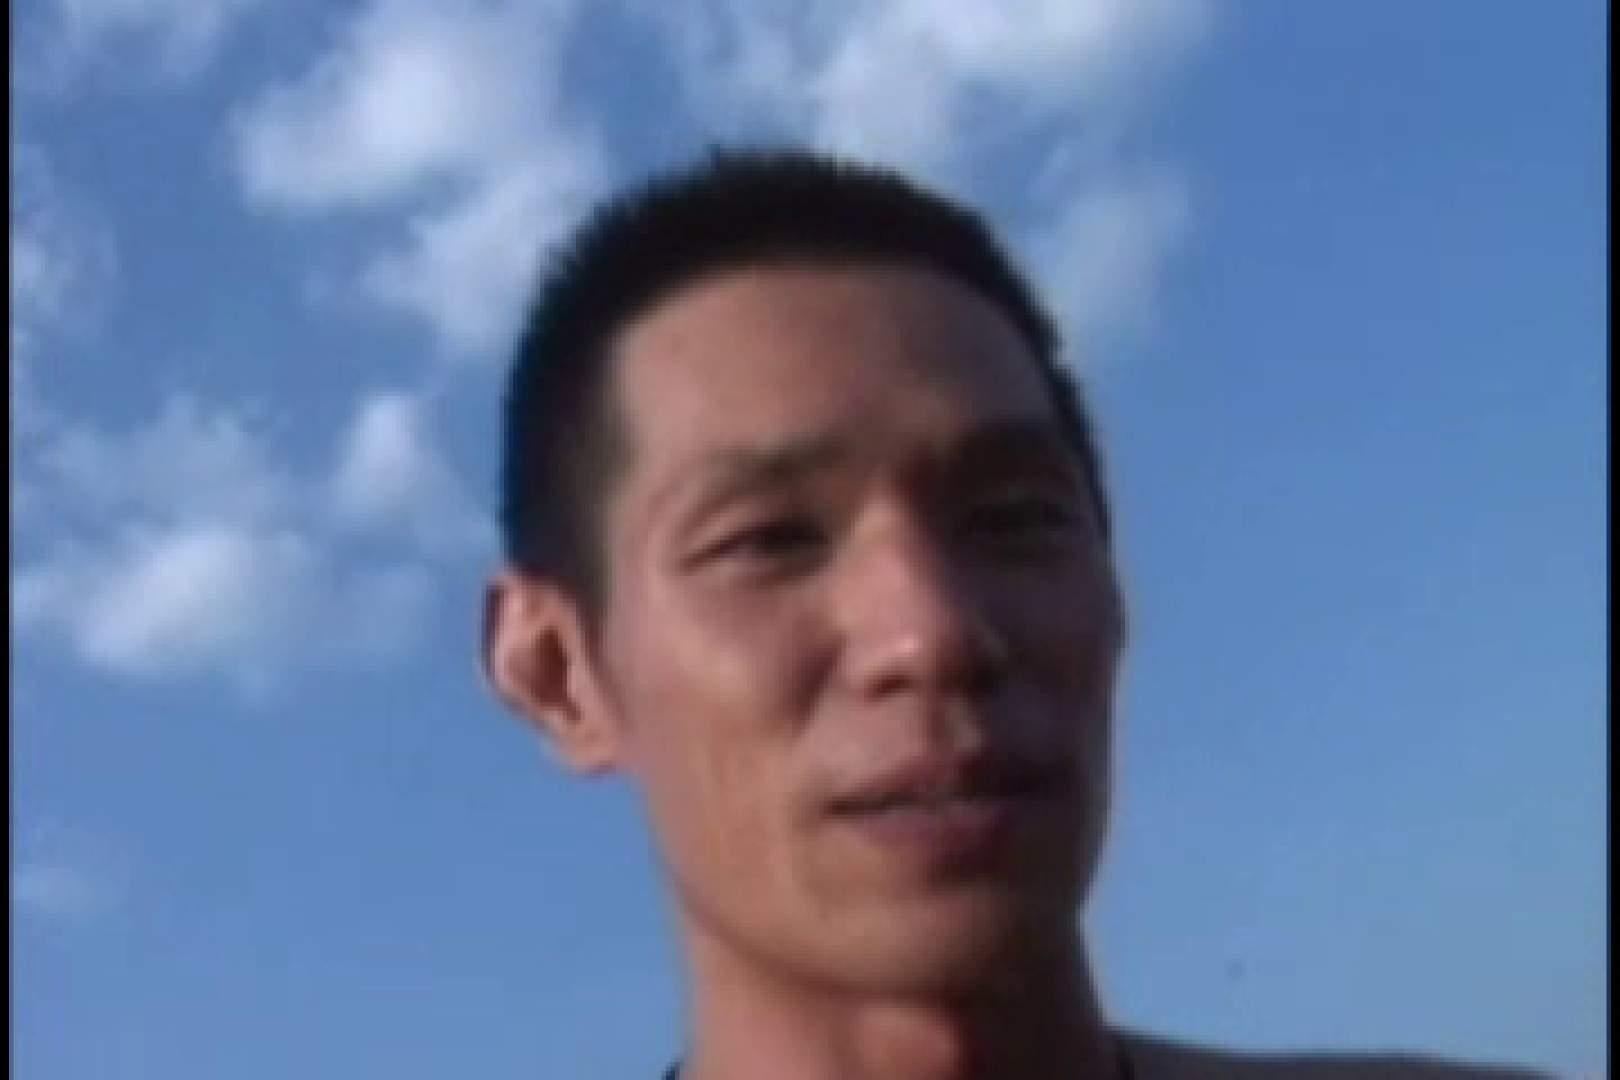 スリ筋!!スポメンのDANKON最高!!take.01 スポーツマン  101pic 32